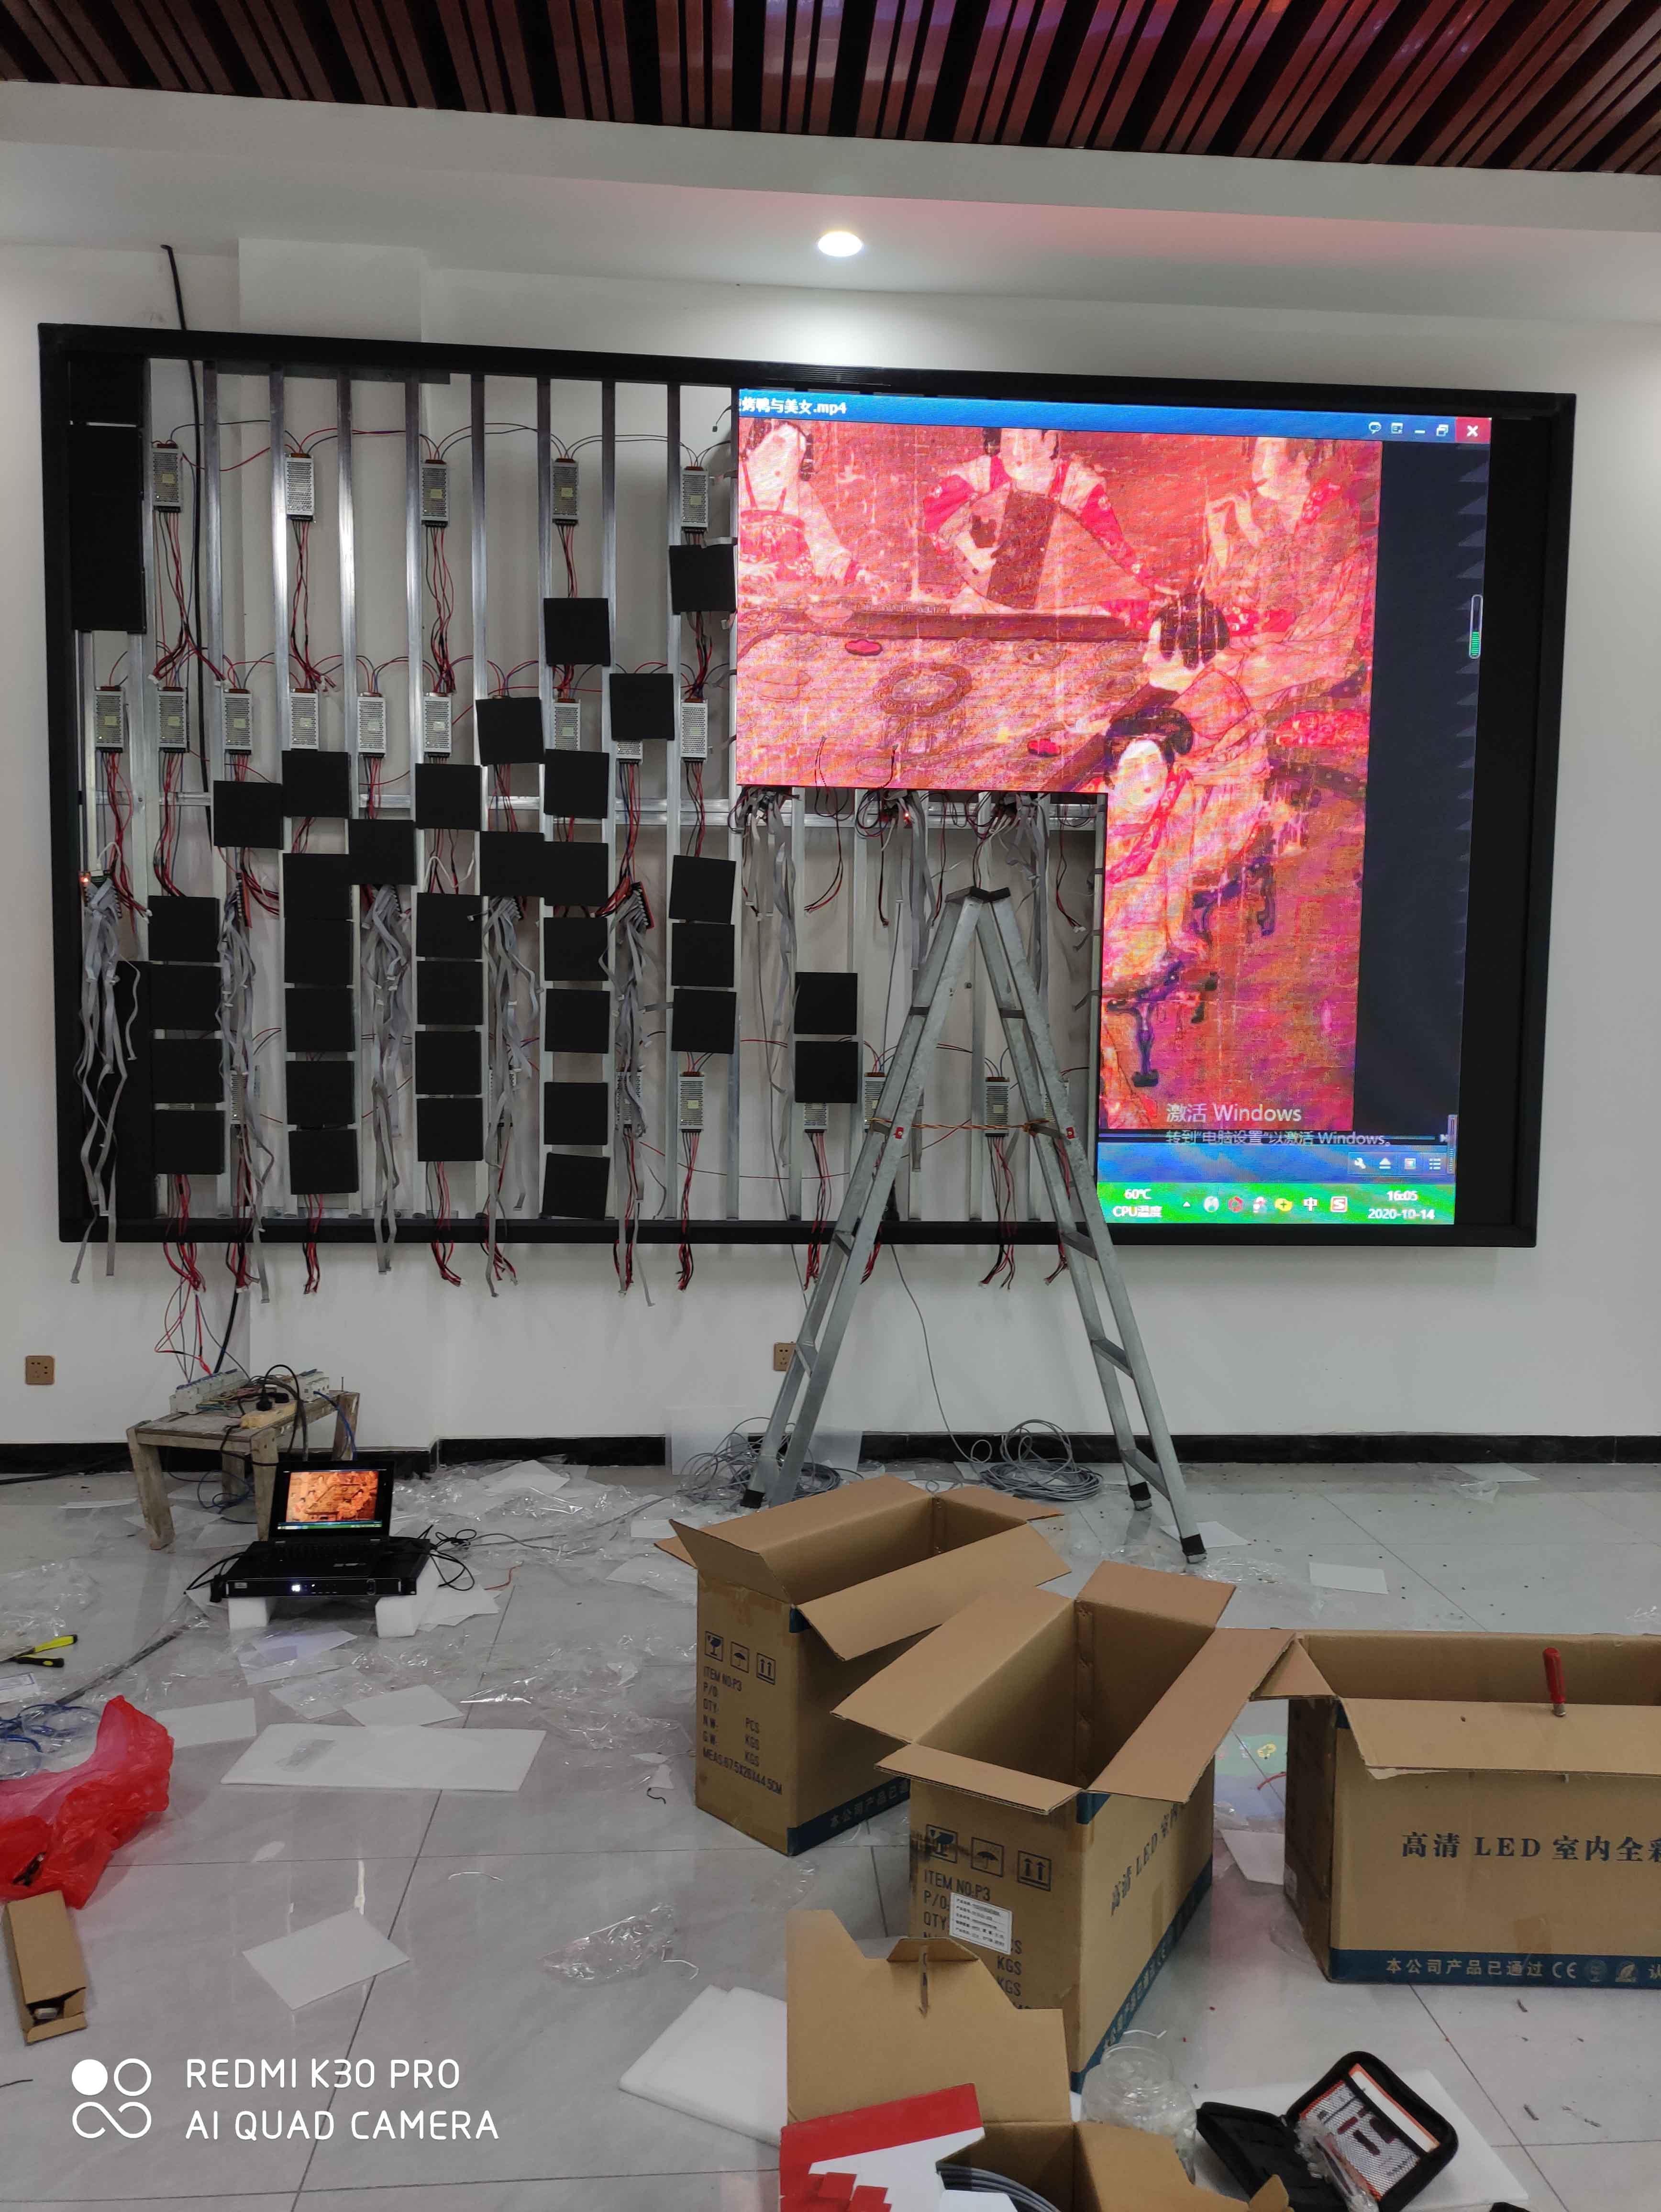 郑州LED显示屏厂家,LED显示屏厂家,郑州LED显示屏